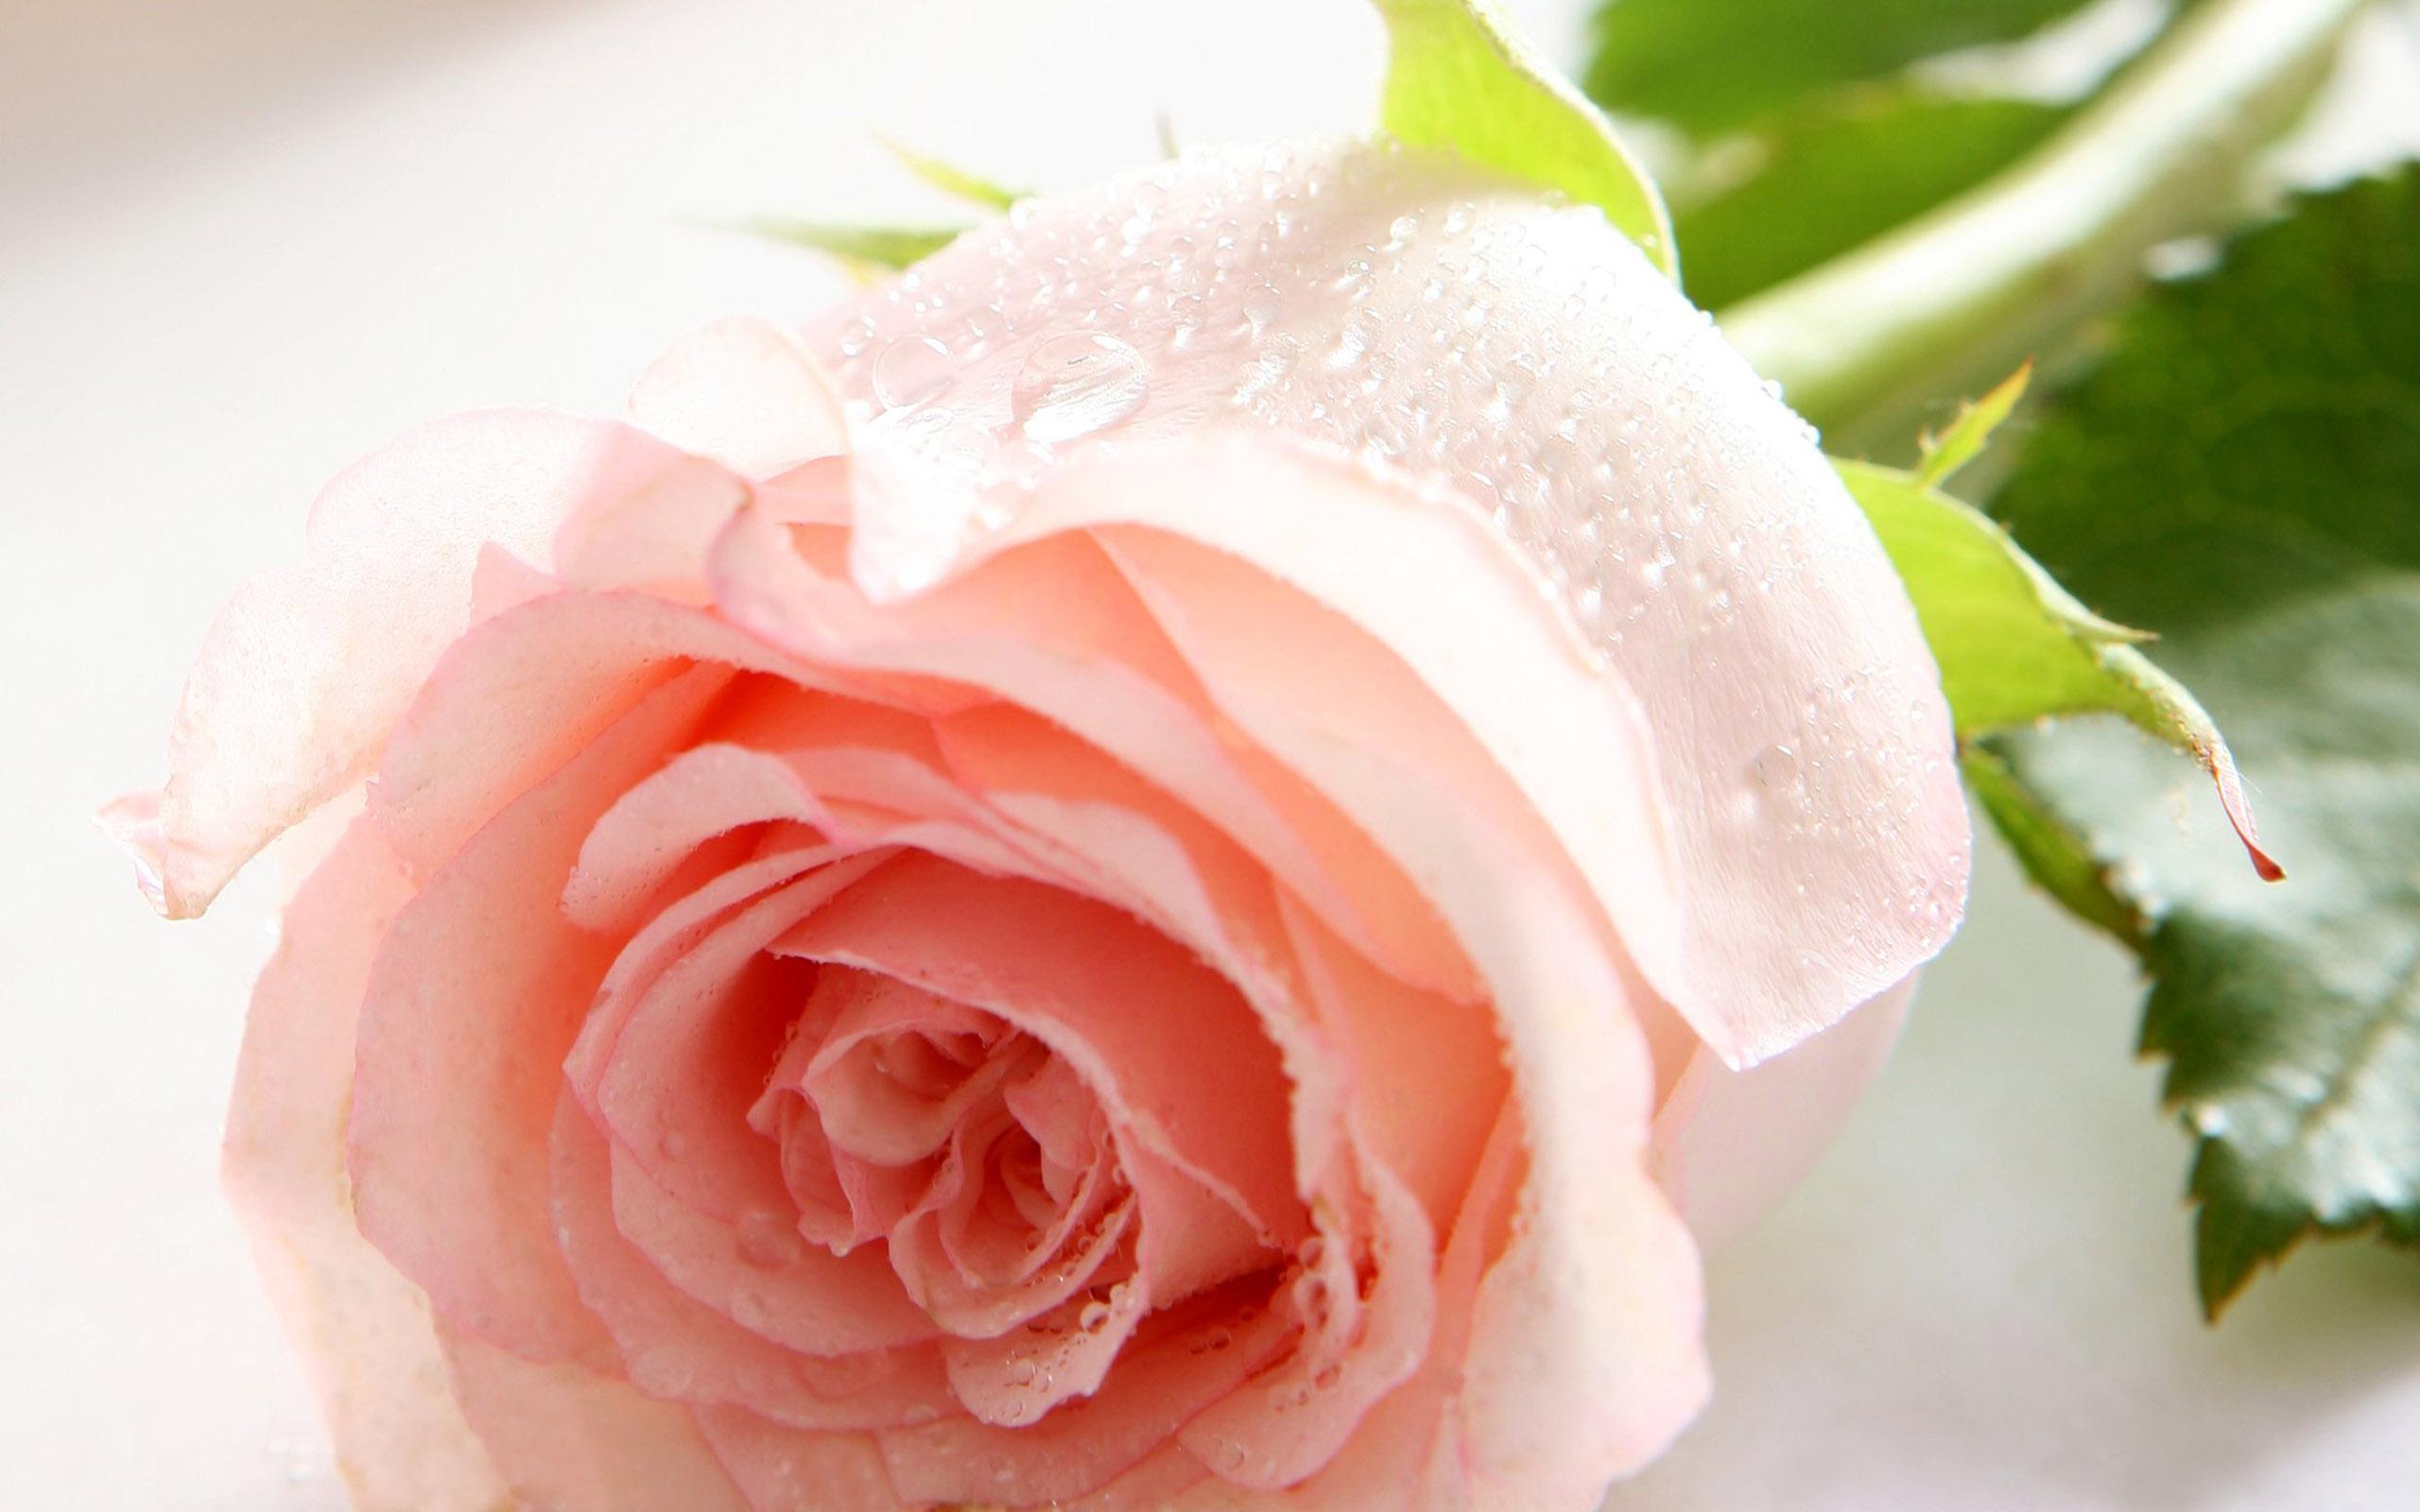 картинка на рабочий стол розы нежные розы процессе сможете идентифицировать